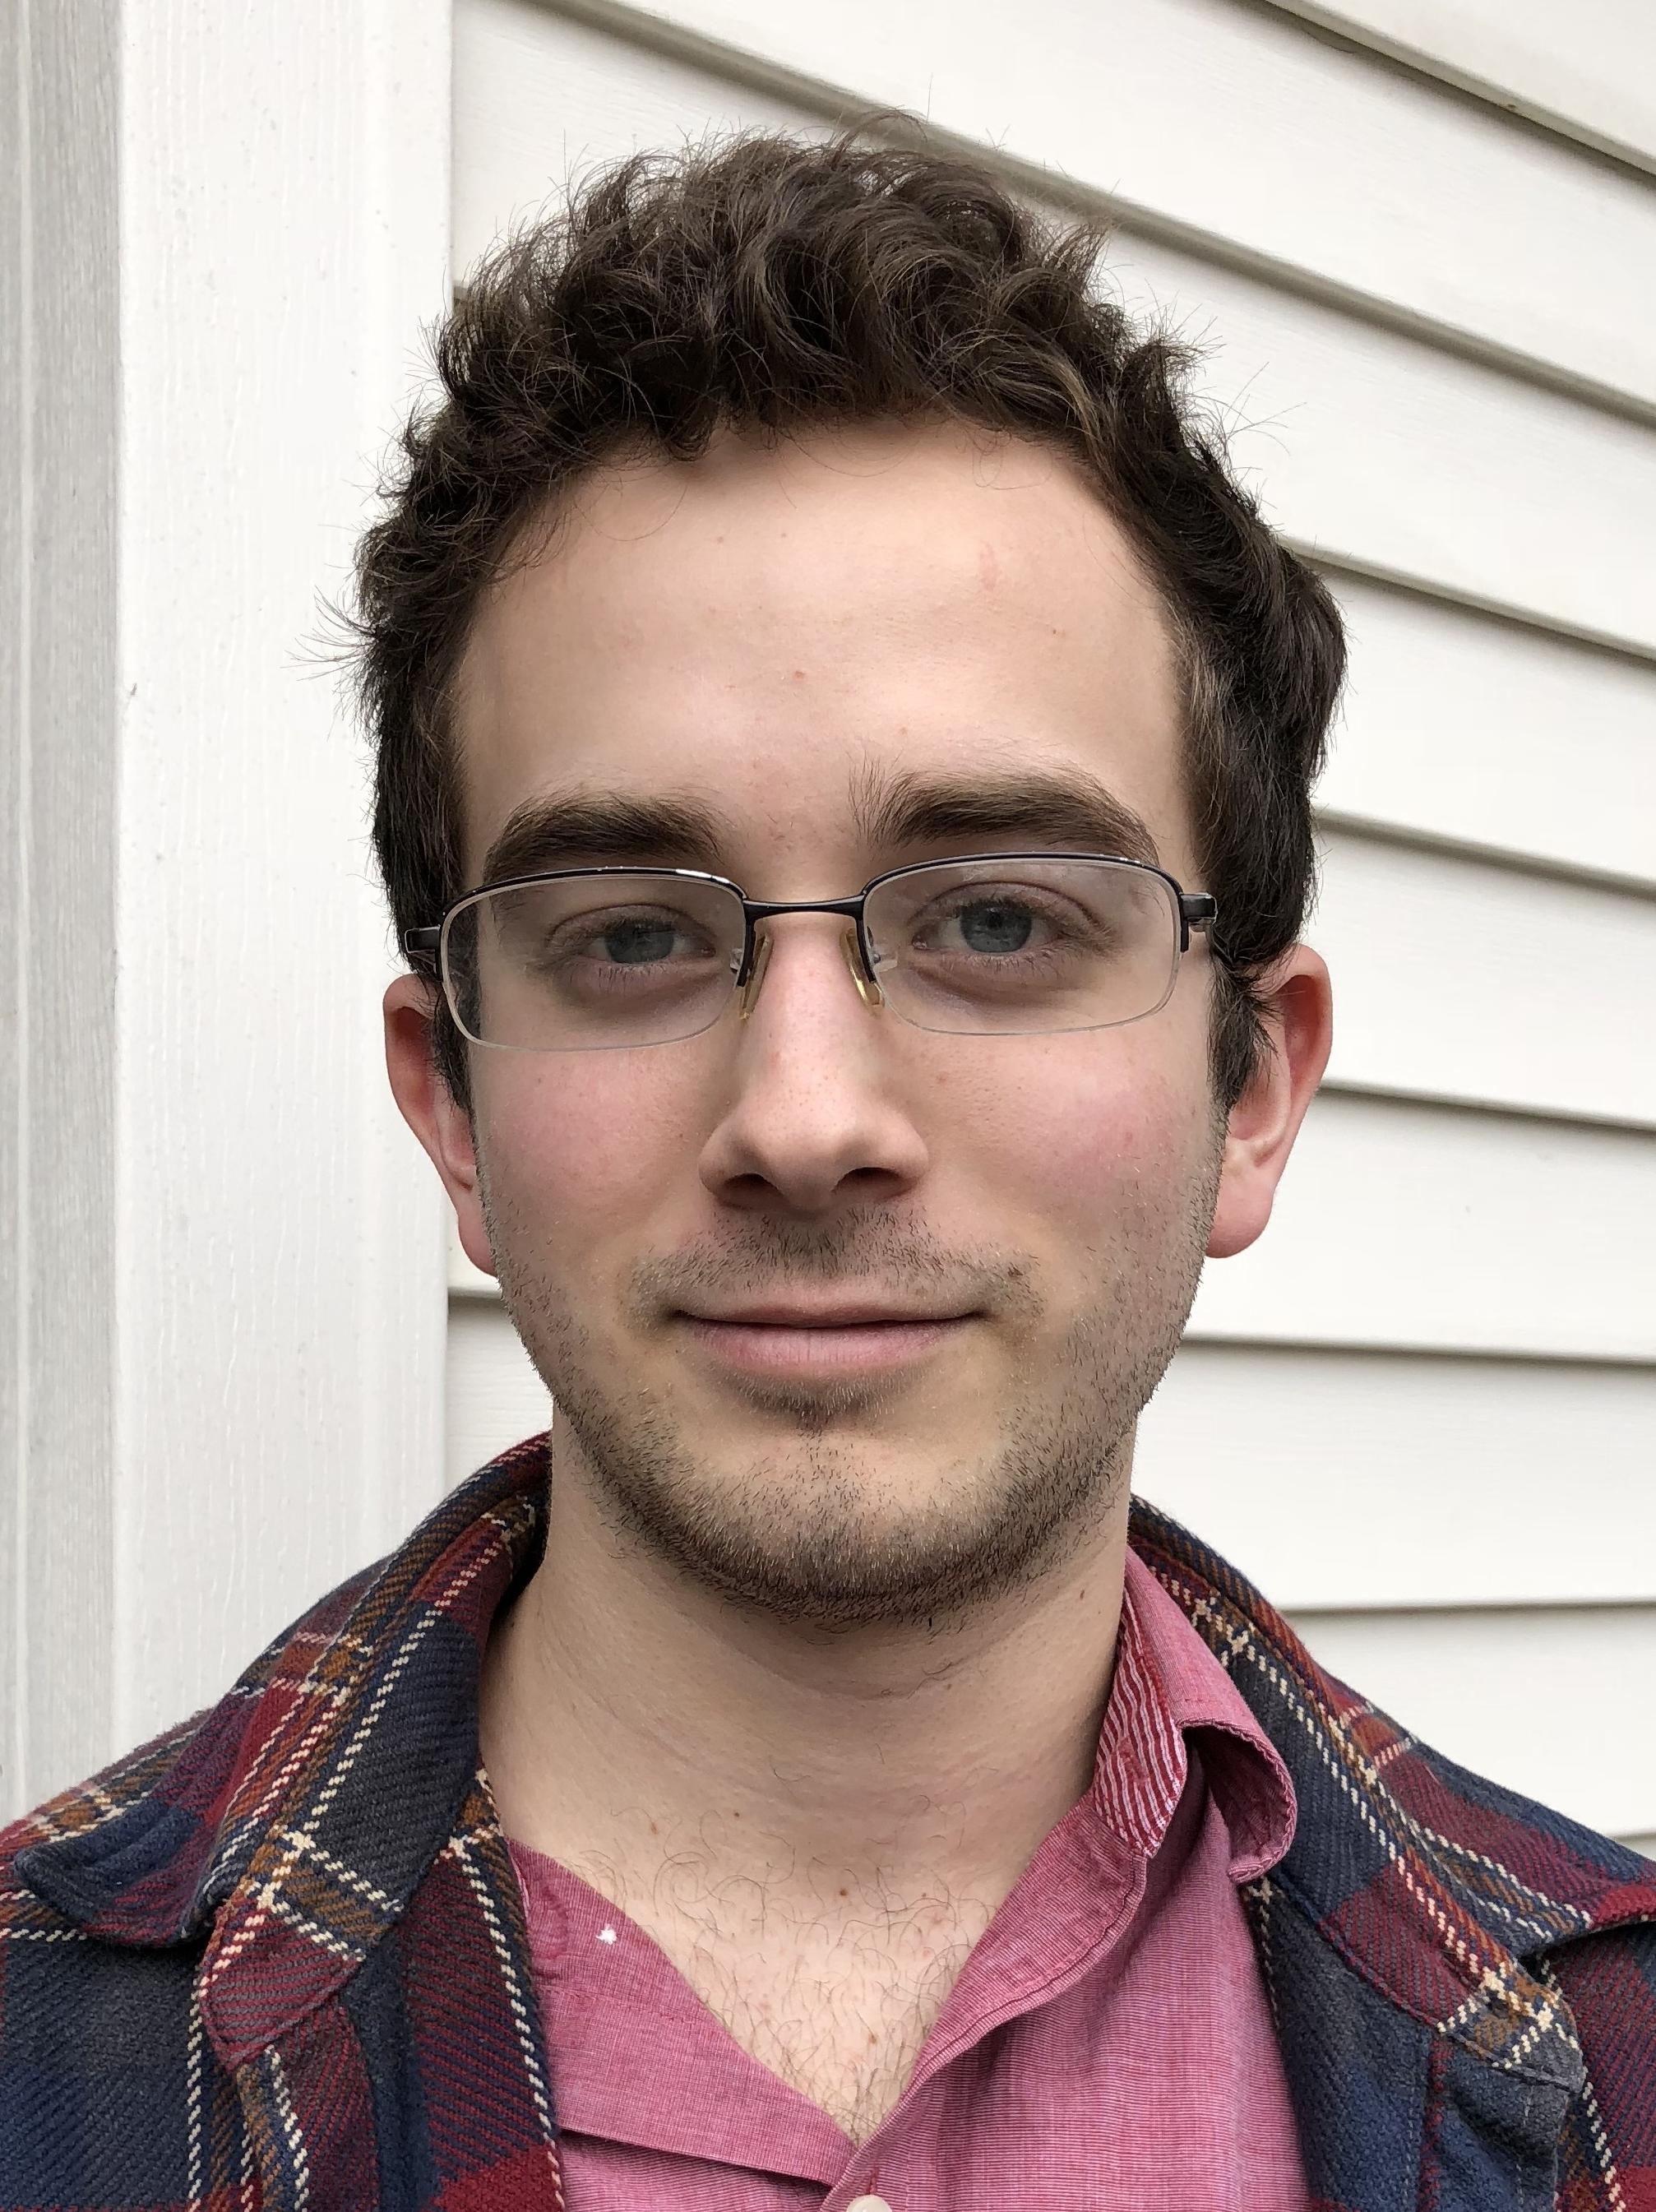 Ryan Yellott